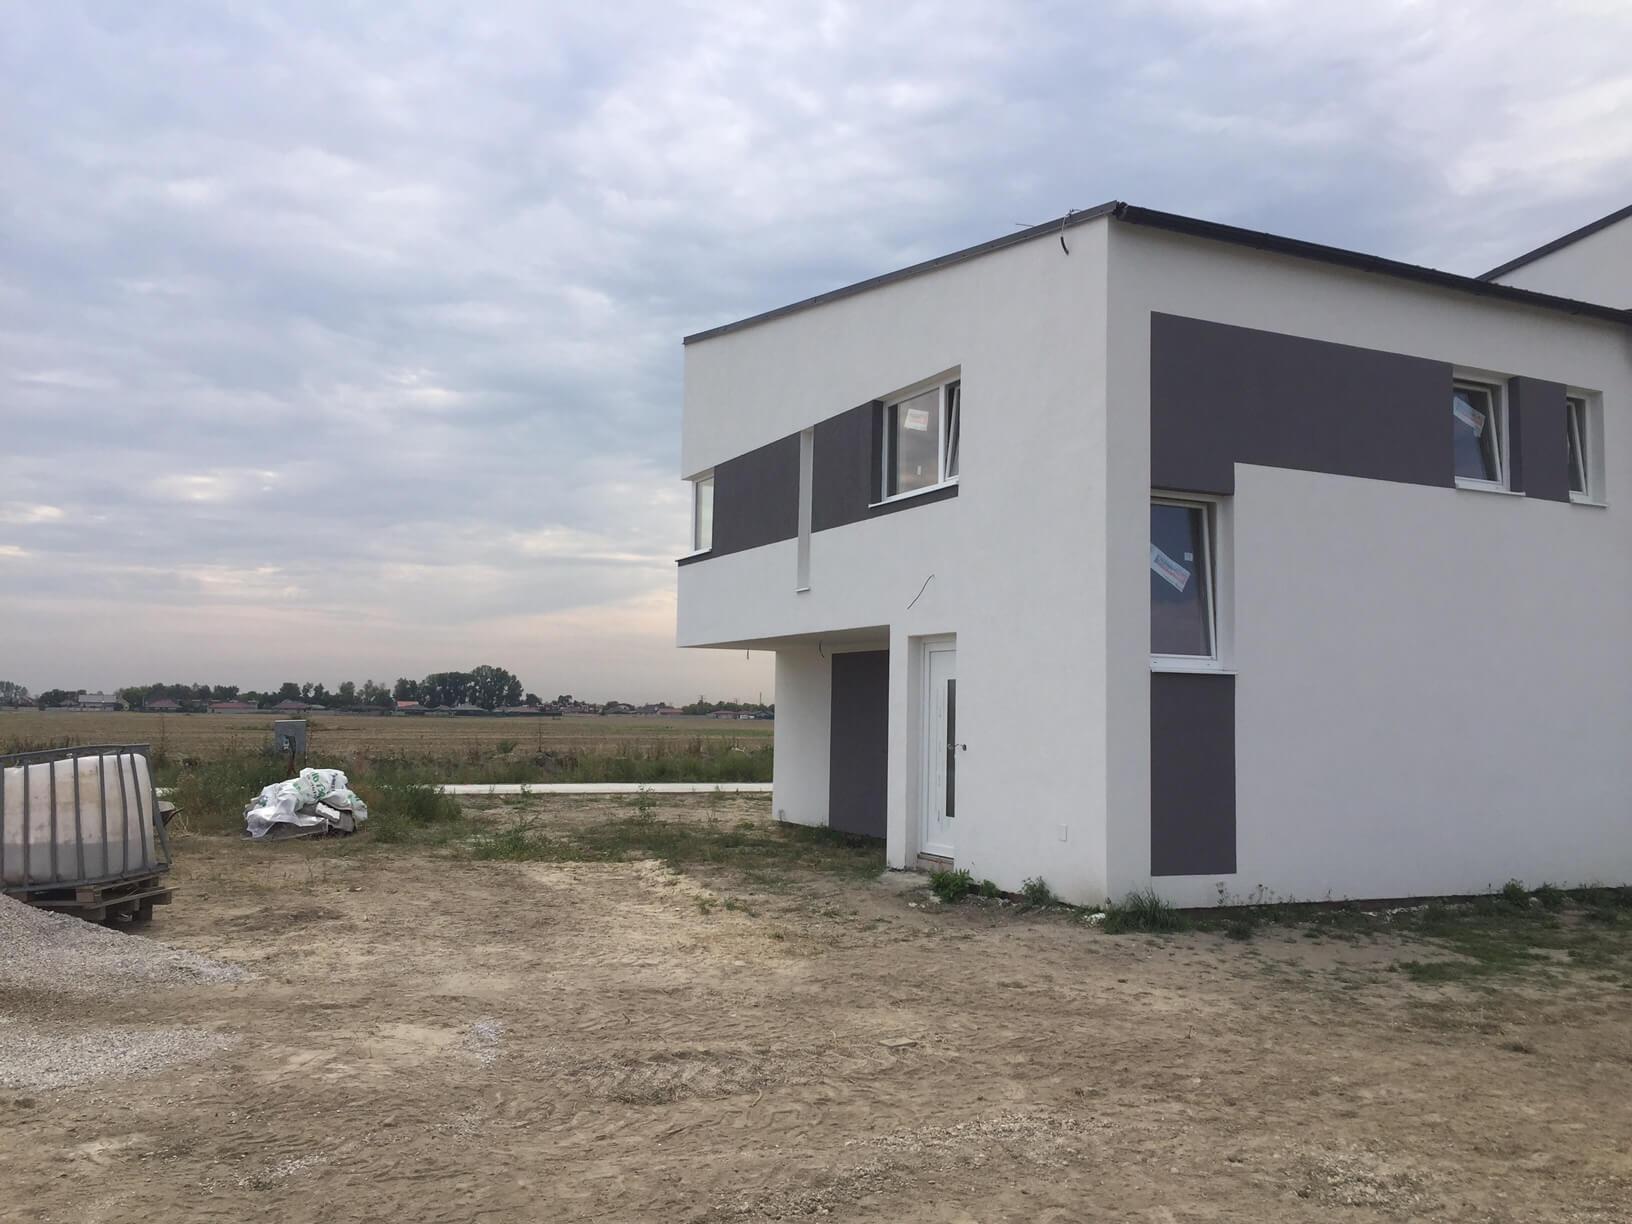 Predané: Posledný Rodinný dom v Dunajskej Lužnej v tichej lokalite, pri Košariskách, pri vlaku, 106m2, pozemok 422m2-5